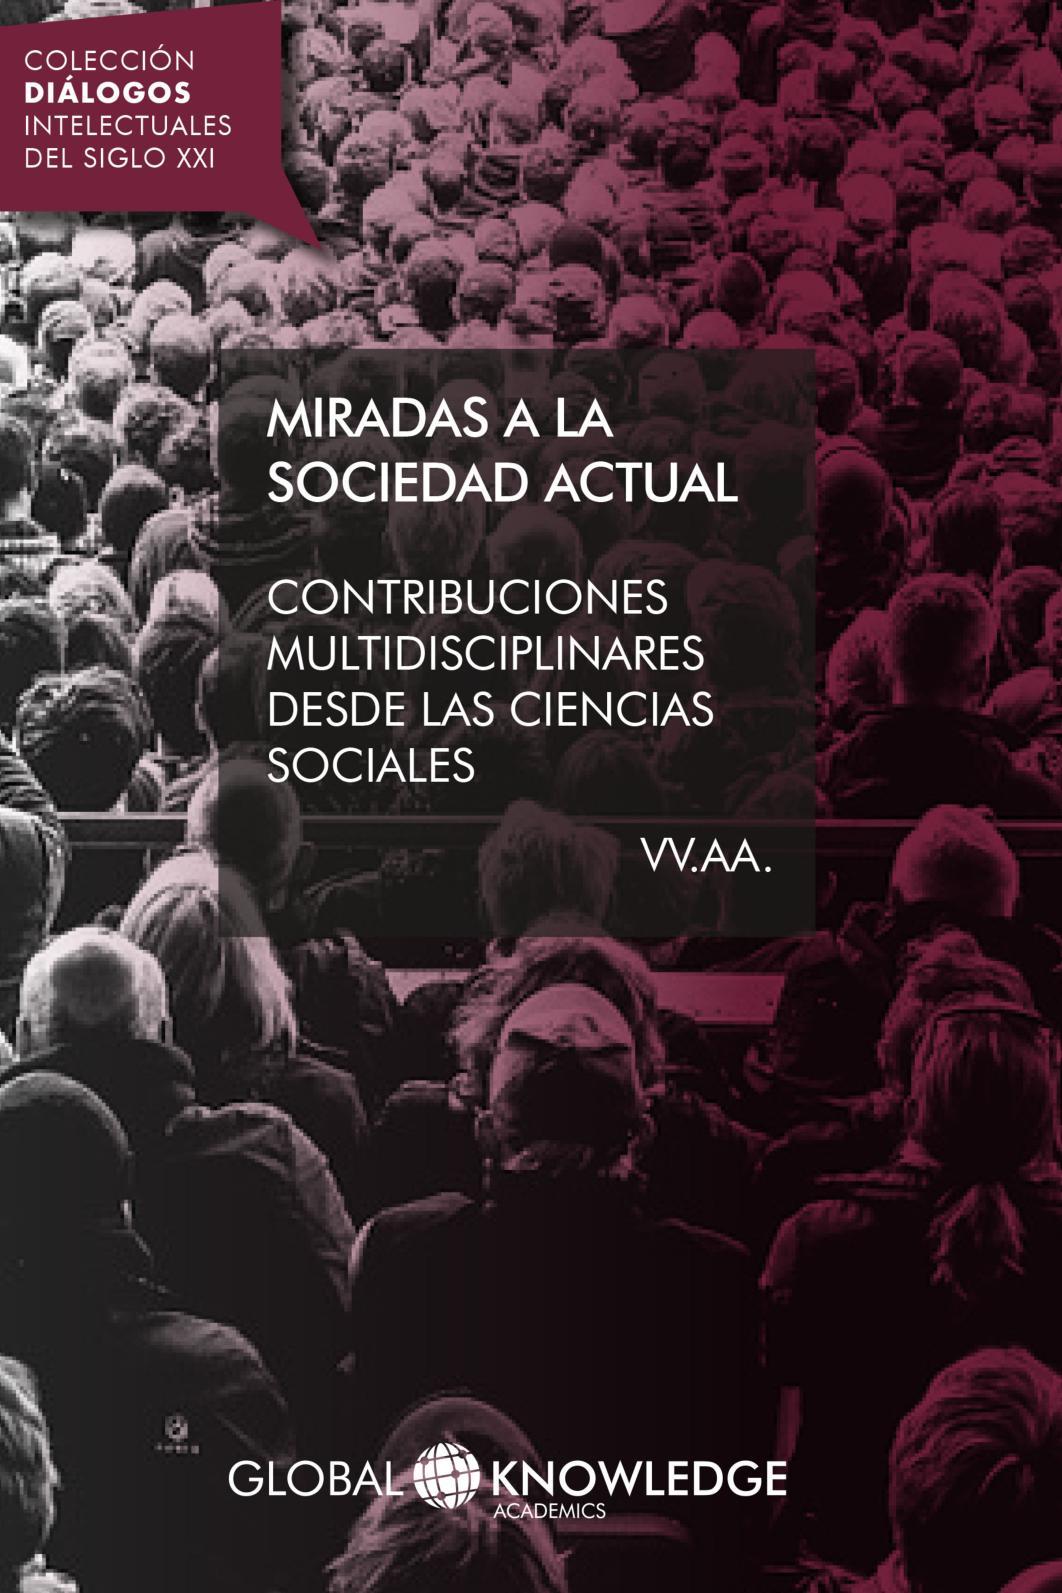 Calaméo Miradas A La Sociedad Actual Contribuciones